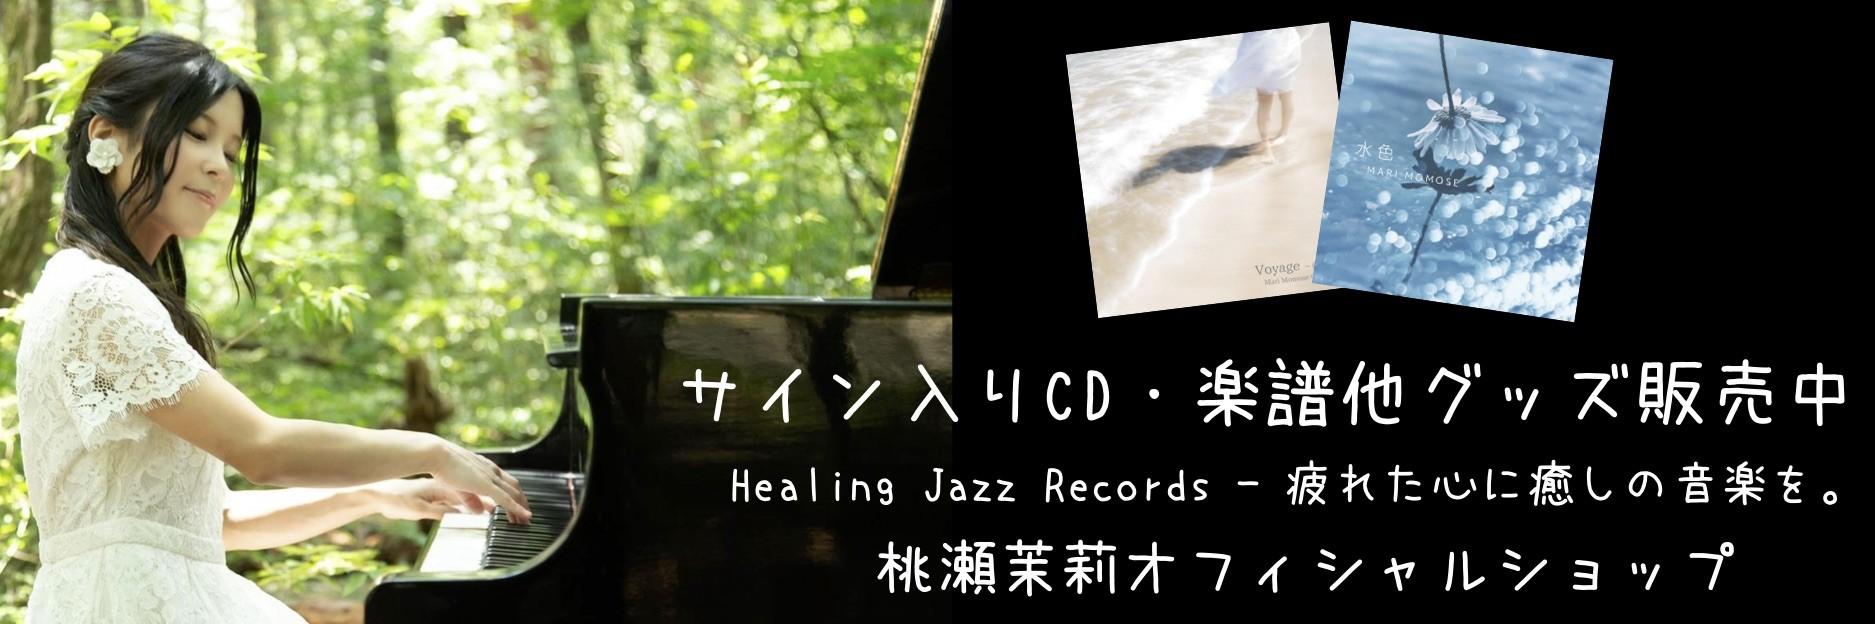 Healing Jazz Records - 疲れた心に癒しの音楽を。